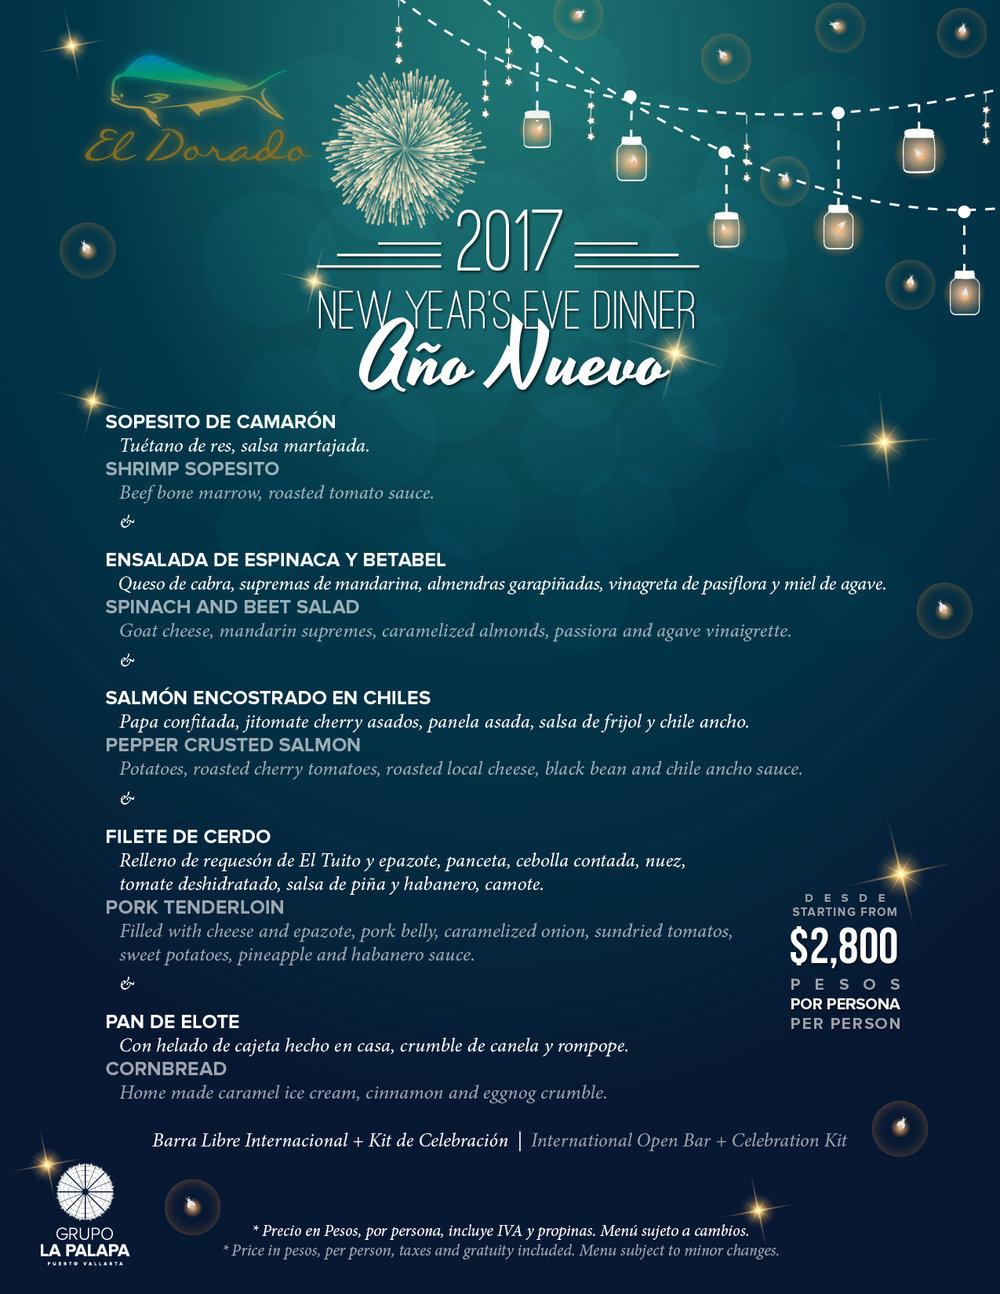 NYE-2017-El-Dorado.jpg